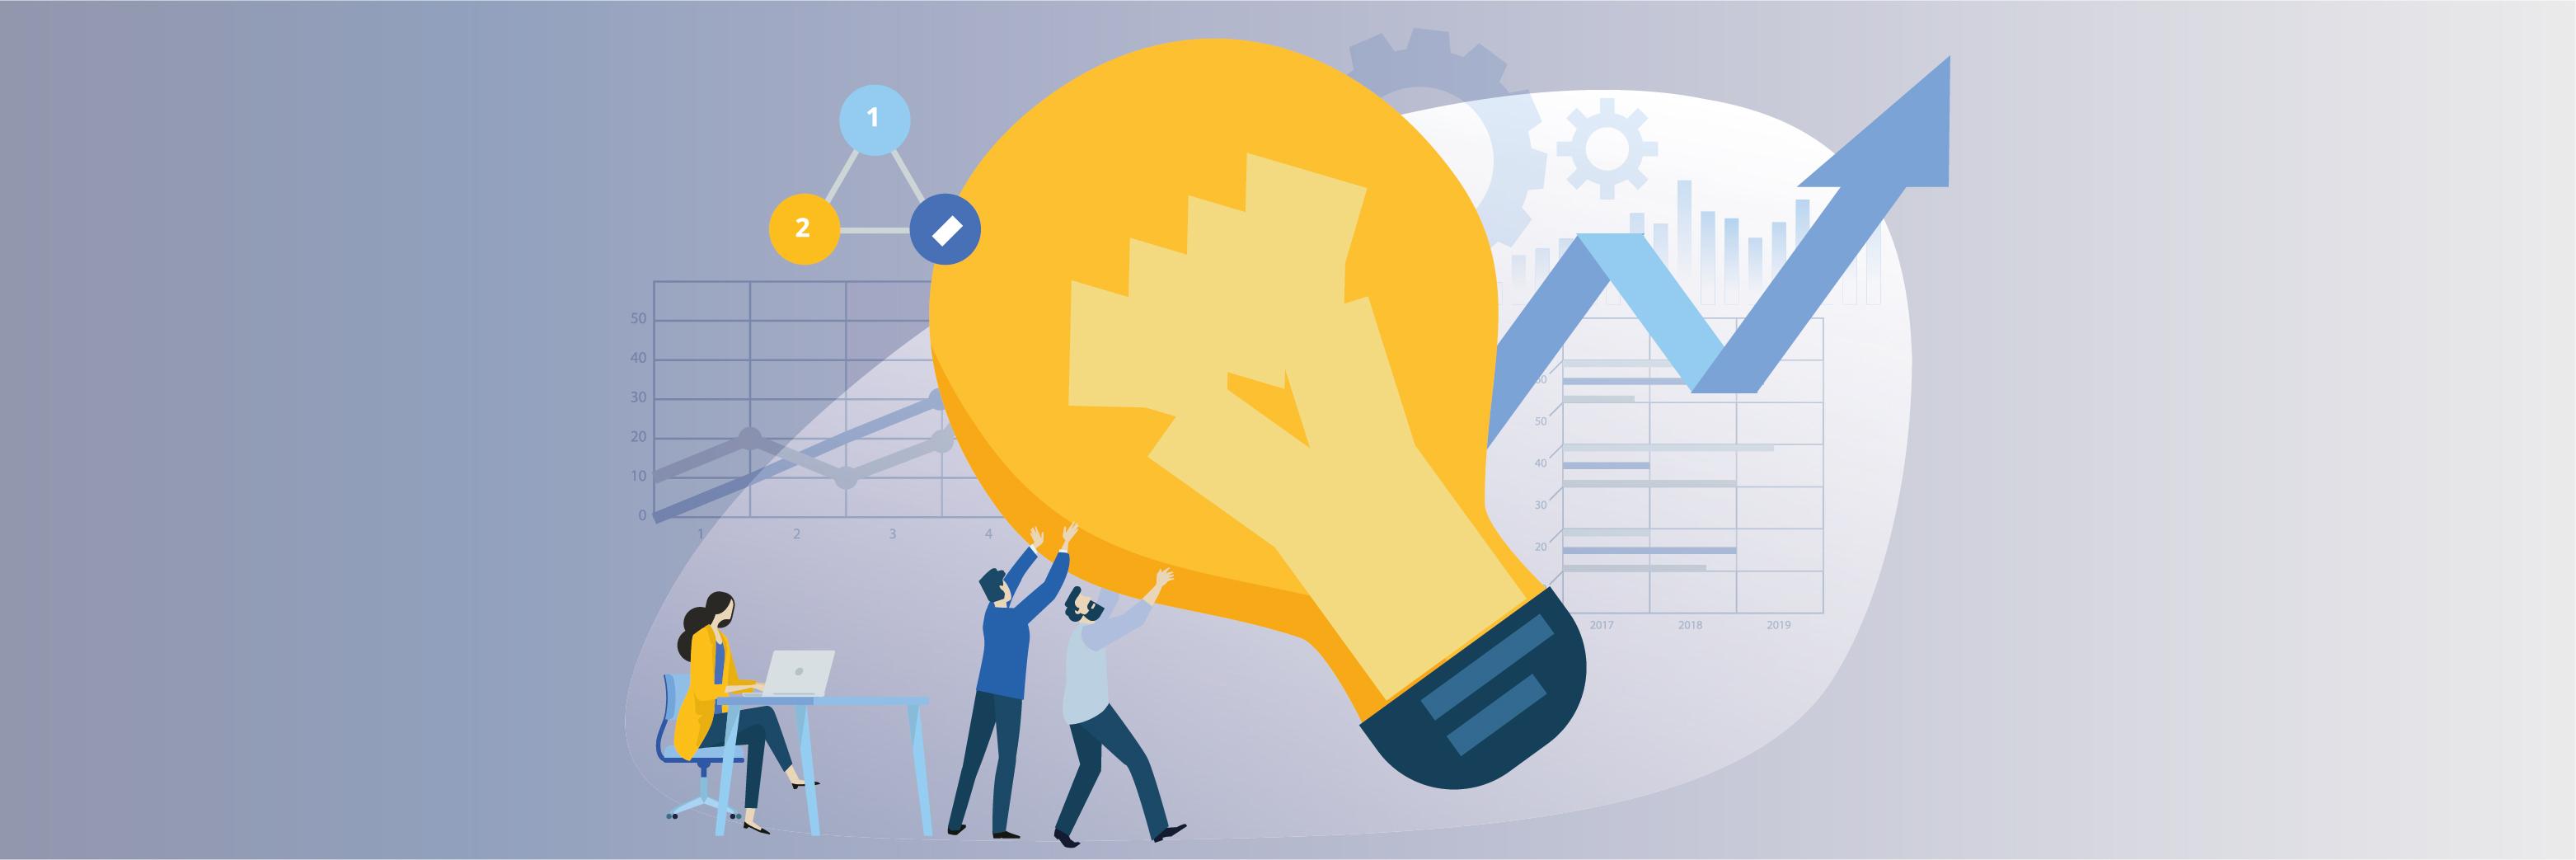 4 نصائح تساعد الشركات على التعافي من الاضطرابات والانتكاسات التي تعصف بها